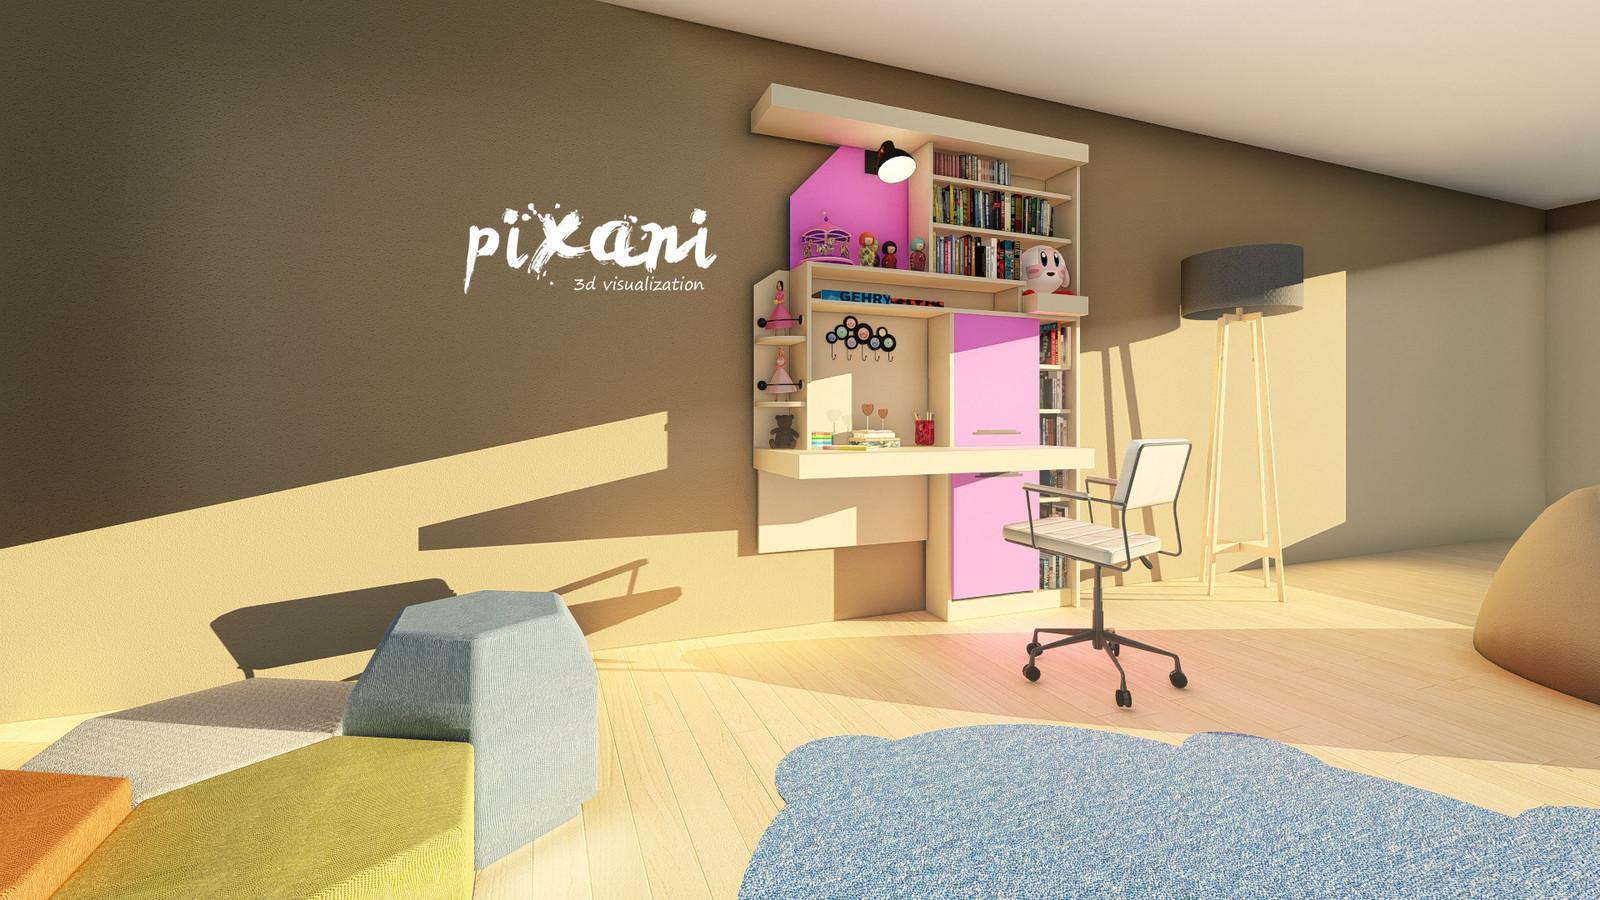 Sky & Cotton Candy Children Room || Gökyüzü & Pamuk Şeker Çocuk Odası   Furniture Design COTTON CANDY MODEL 3D modeling + Render visualization Project   Designed by Serdar Çakmak #pixani